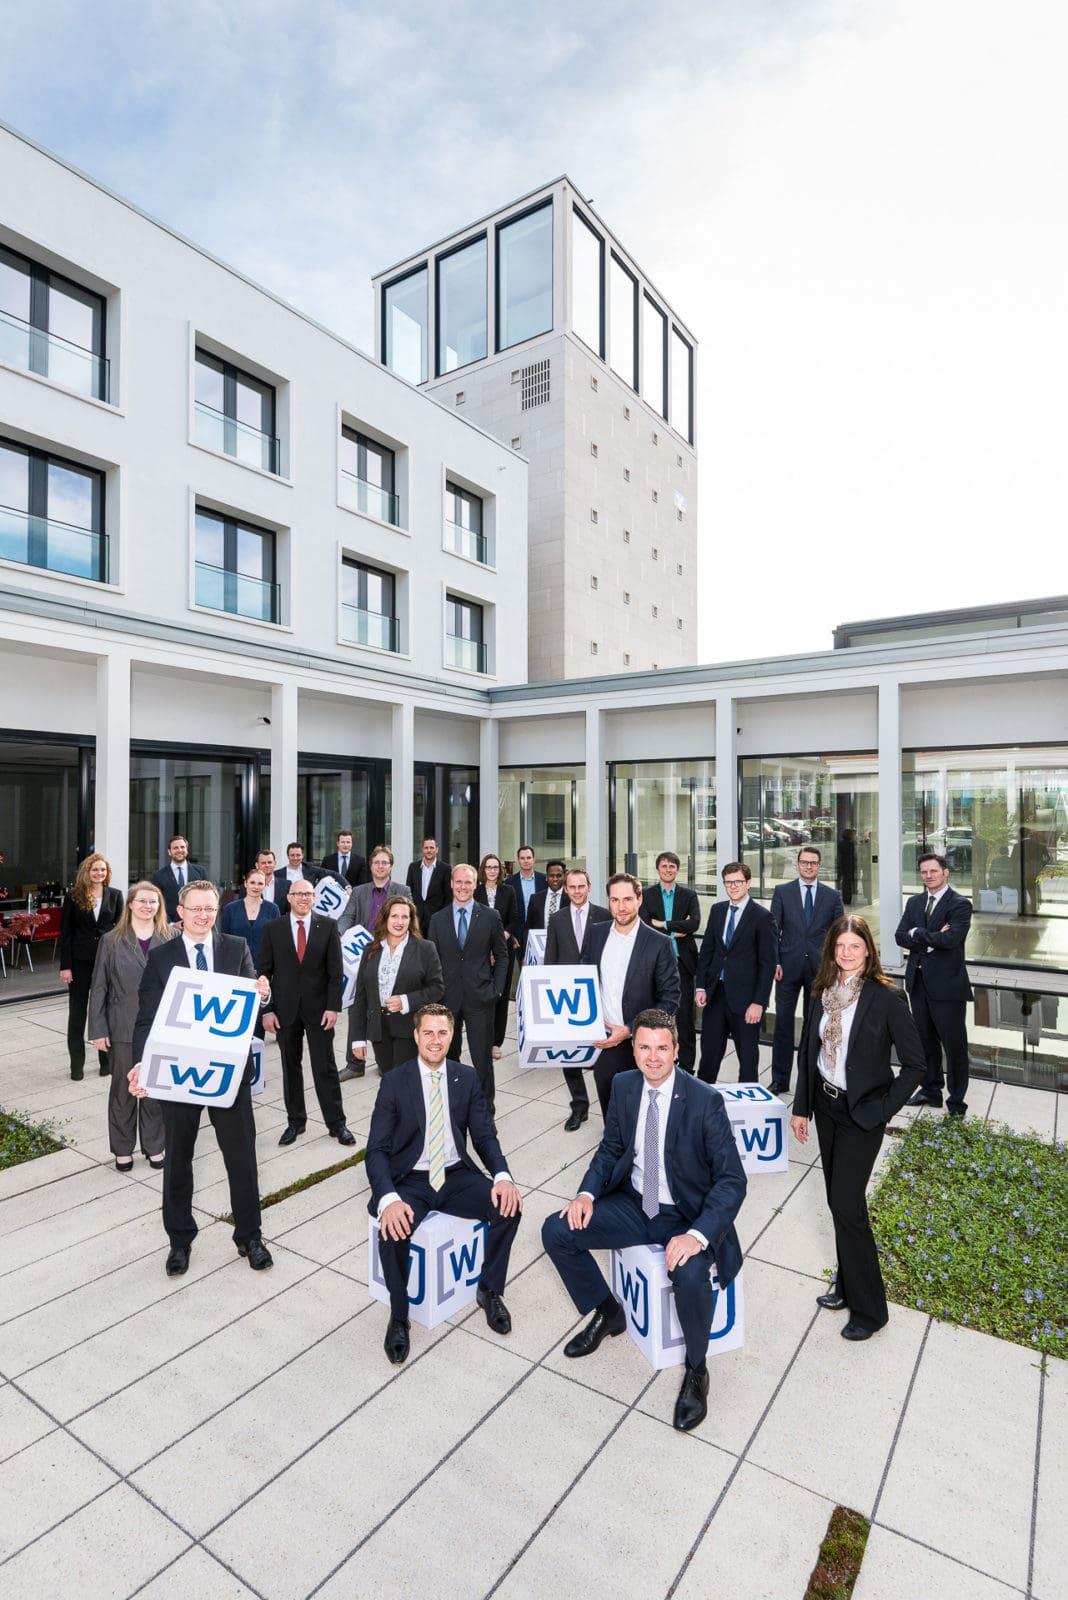 Businessfotografie Gruppenaufnahme der Wirtschaftsjunioren Dortmund für deren aktuelles Magazin - Werbefotografie von Markus Mielek